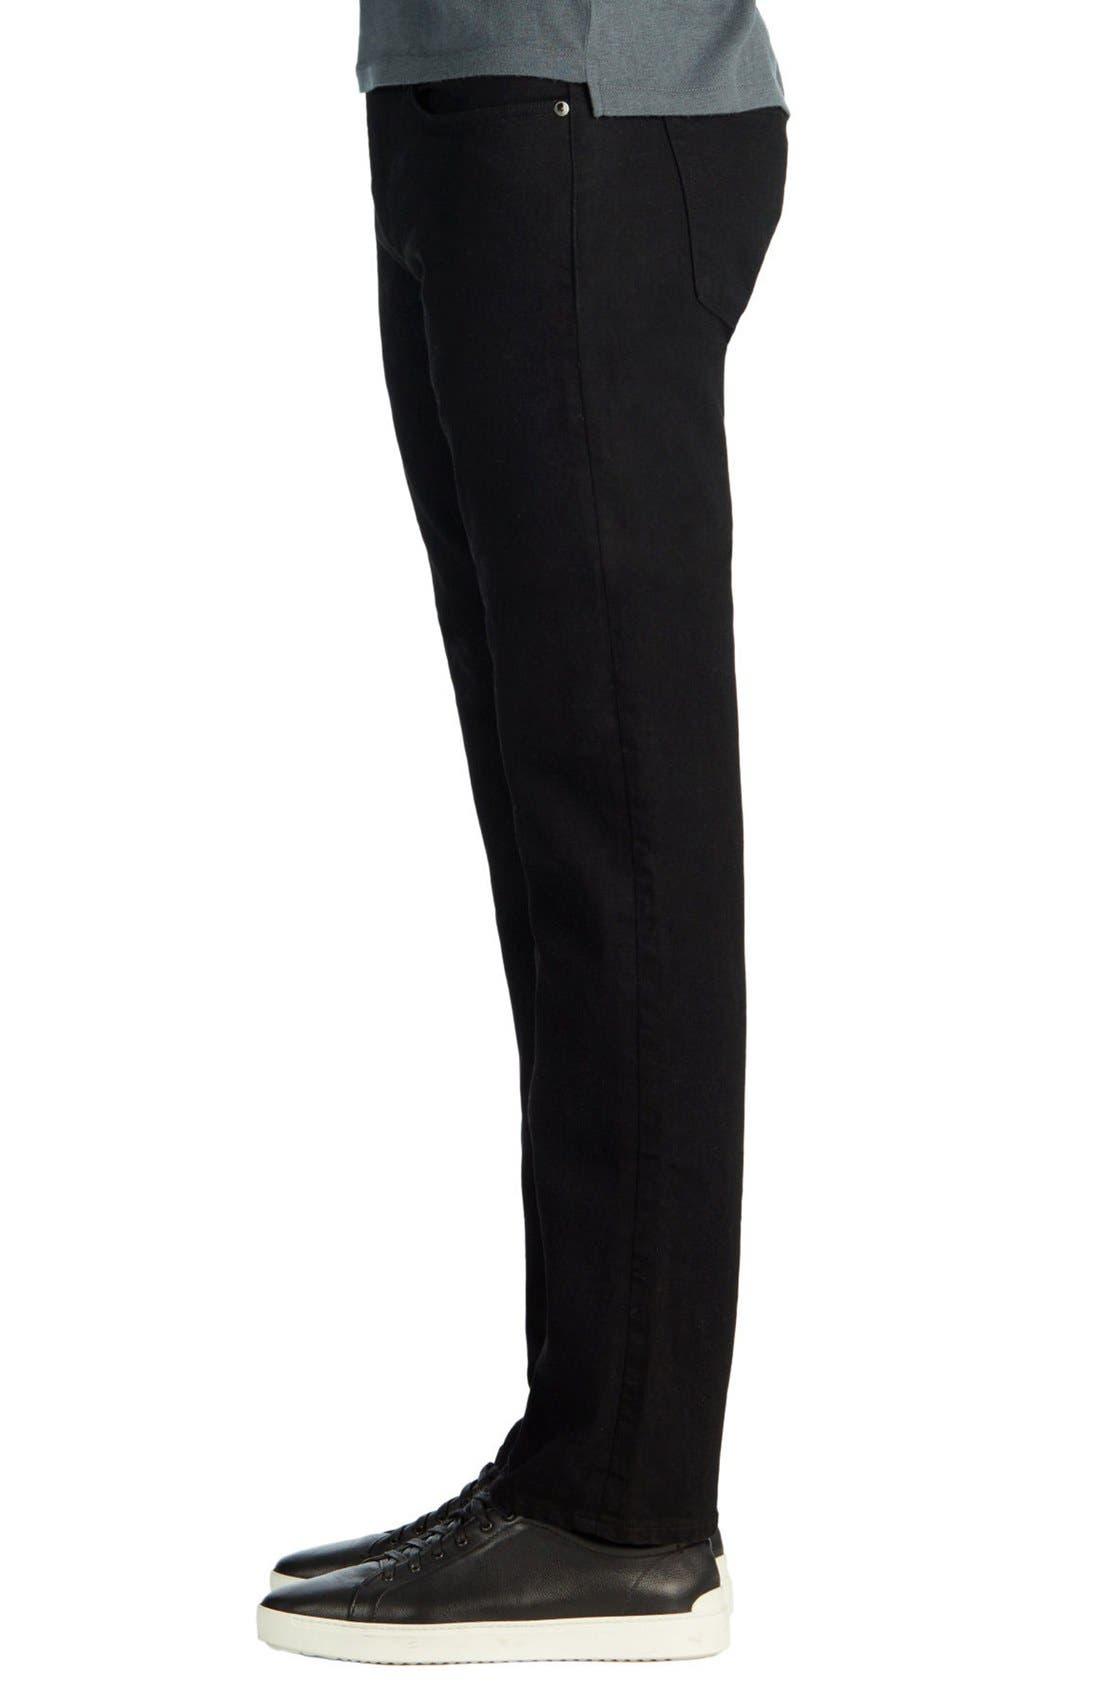 Kane Slim Straight Leg Jeans,                             Alternate thumbnail 7, color,                             TRIVOR BLACK